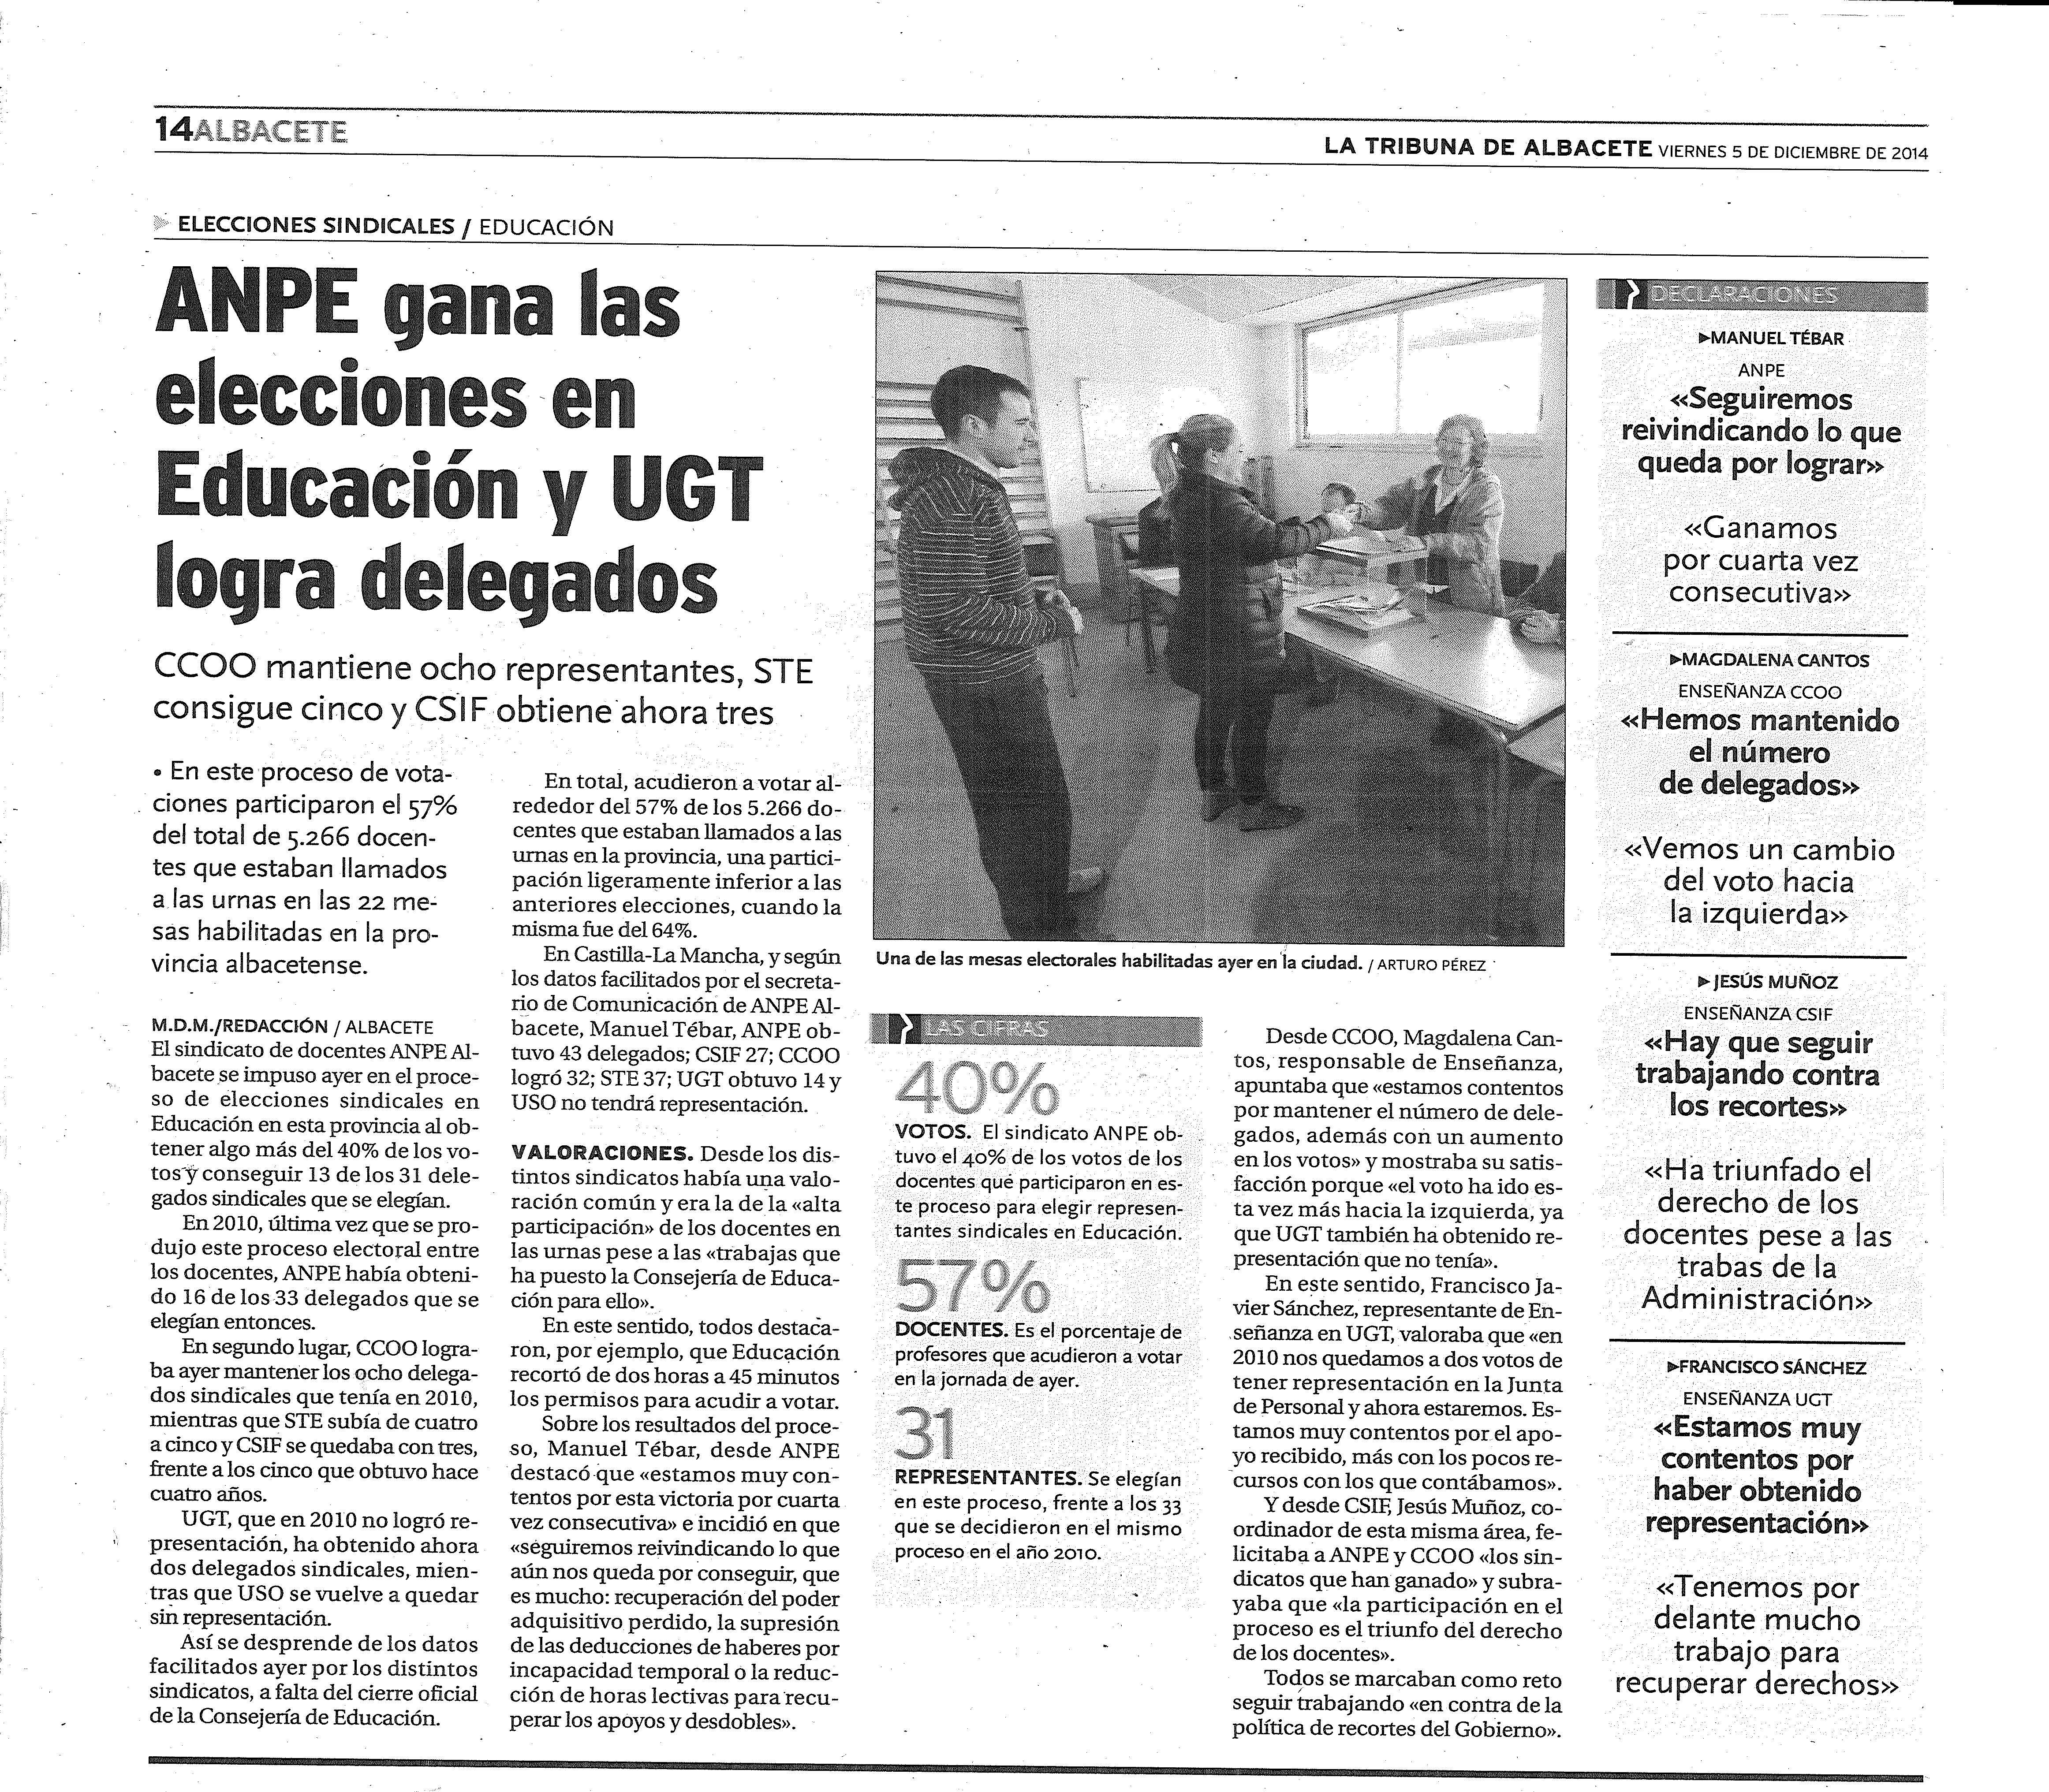 05-12-2014 ANPE Gana las Elecciones de 2014